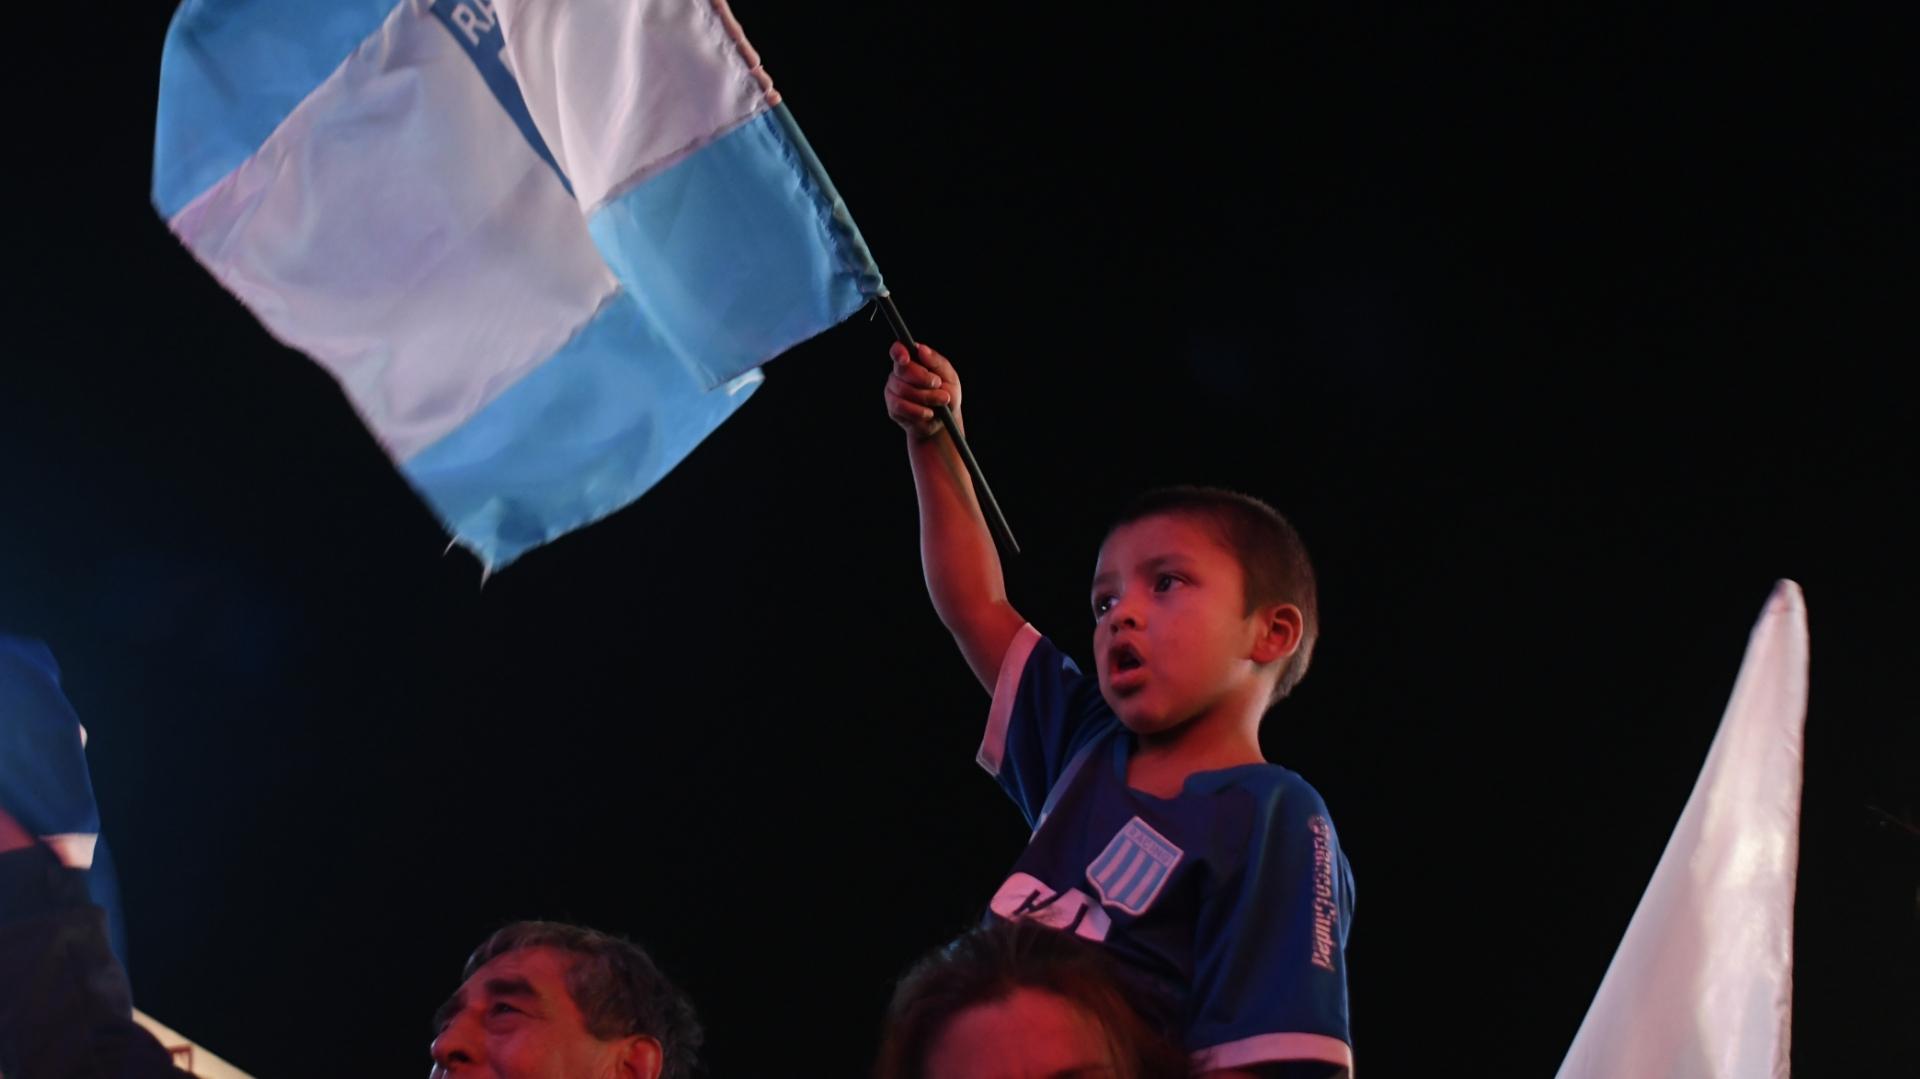 Entre los triunfos más importantes del campeonato se destaca el obtenido en el clásico de Avellaneda como visitante